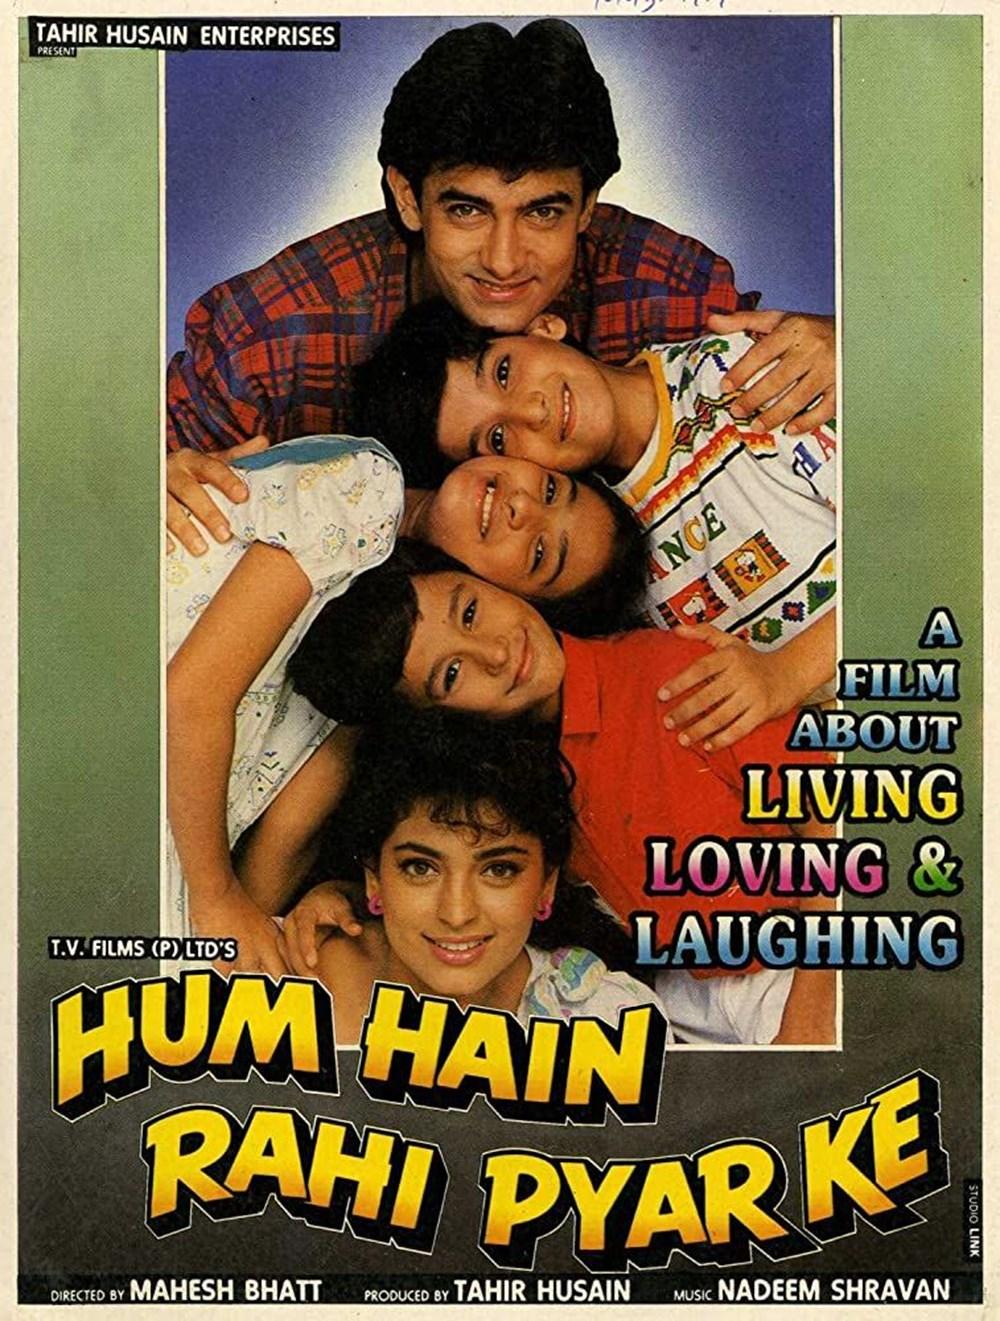 En iyi Aamir Khan filmleri (Aamir Khan'ın izlenmesi gereken filmleri) - 16